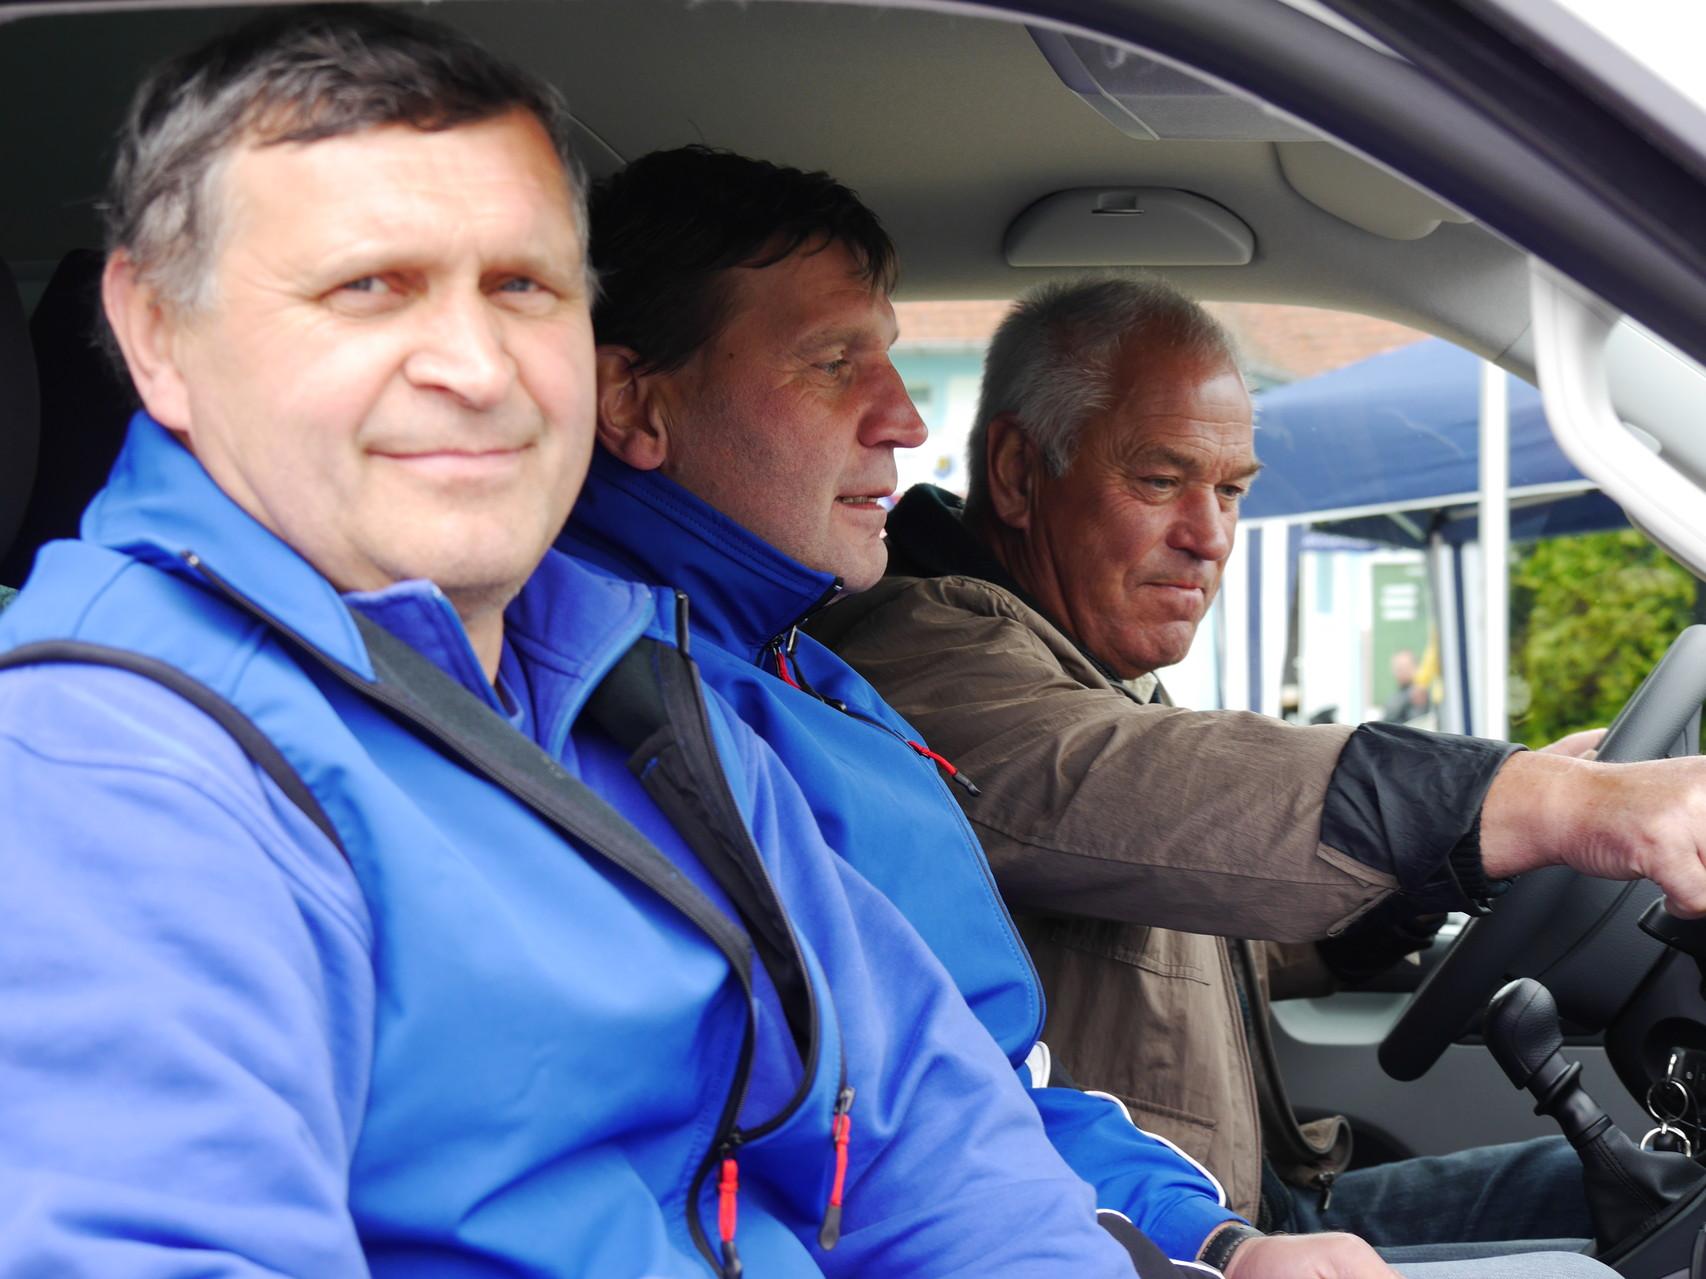 Opa Günter übernahm gern die Rolle des Busfahrers. Jürgen und Uwe bei ihrer Jungfernfahrt!